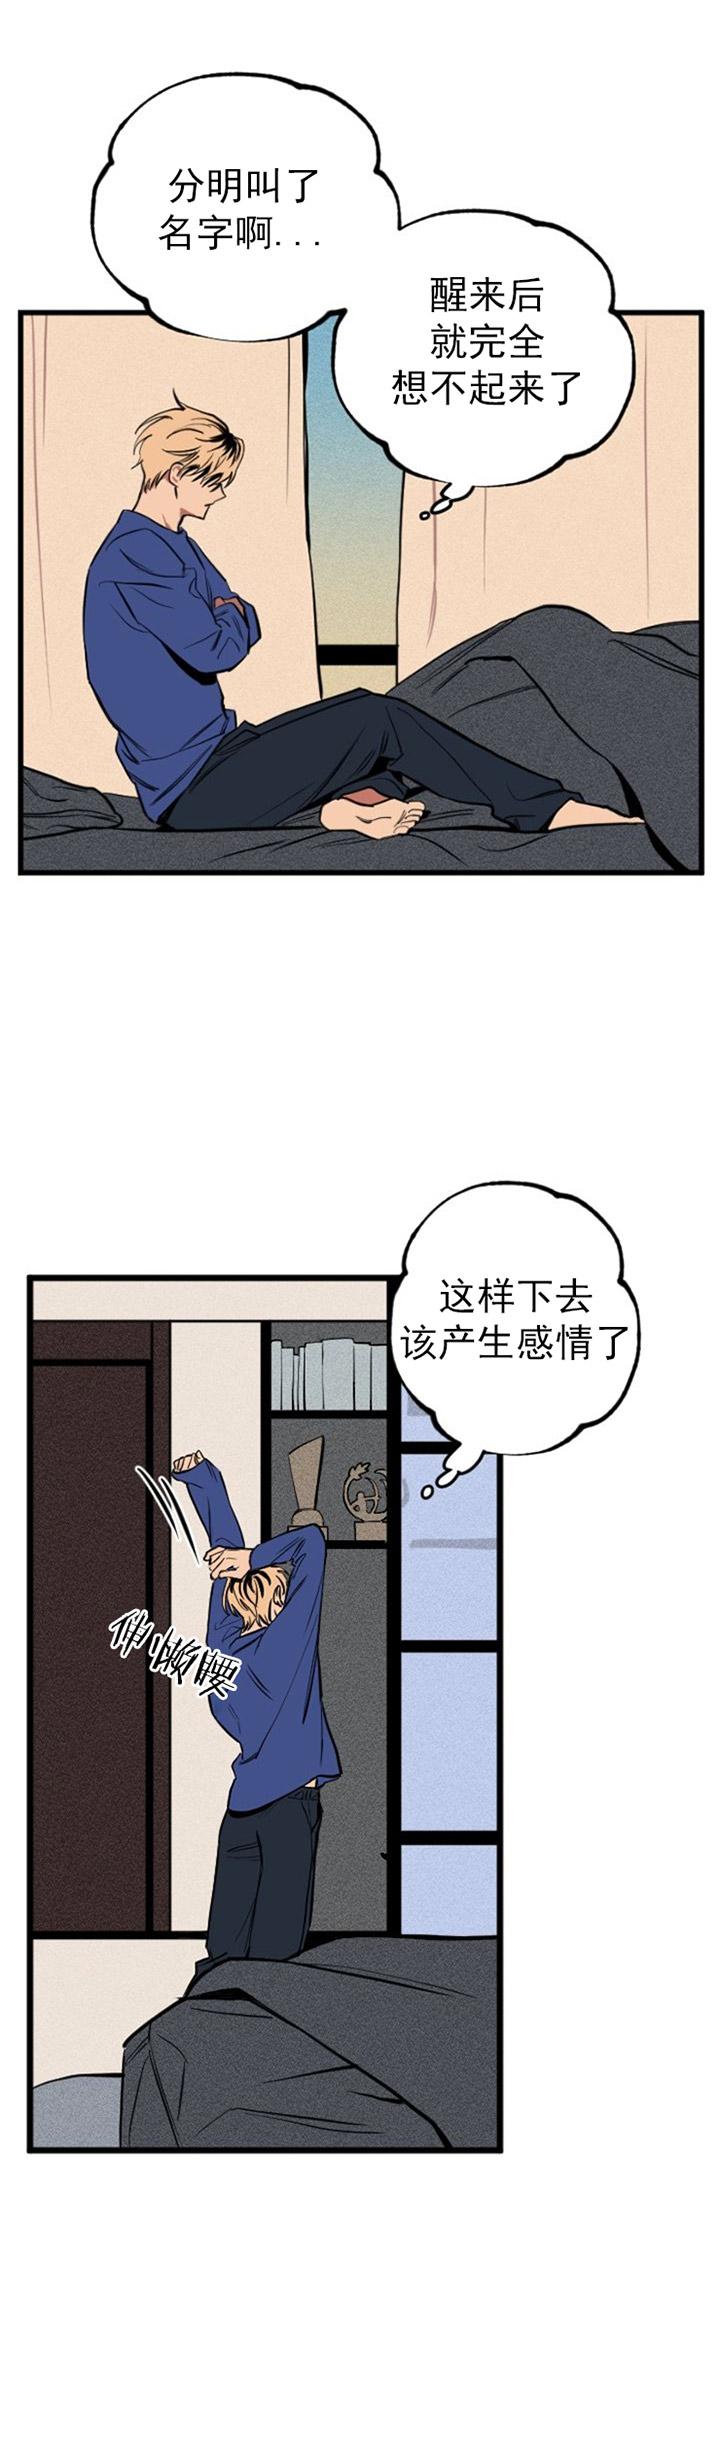 金星的轨迹-彩虹漫画完整版汉化_全集在线阅读-啵乐漫画